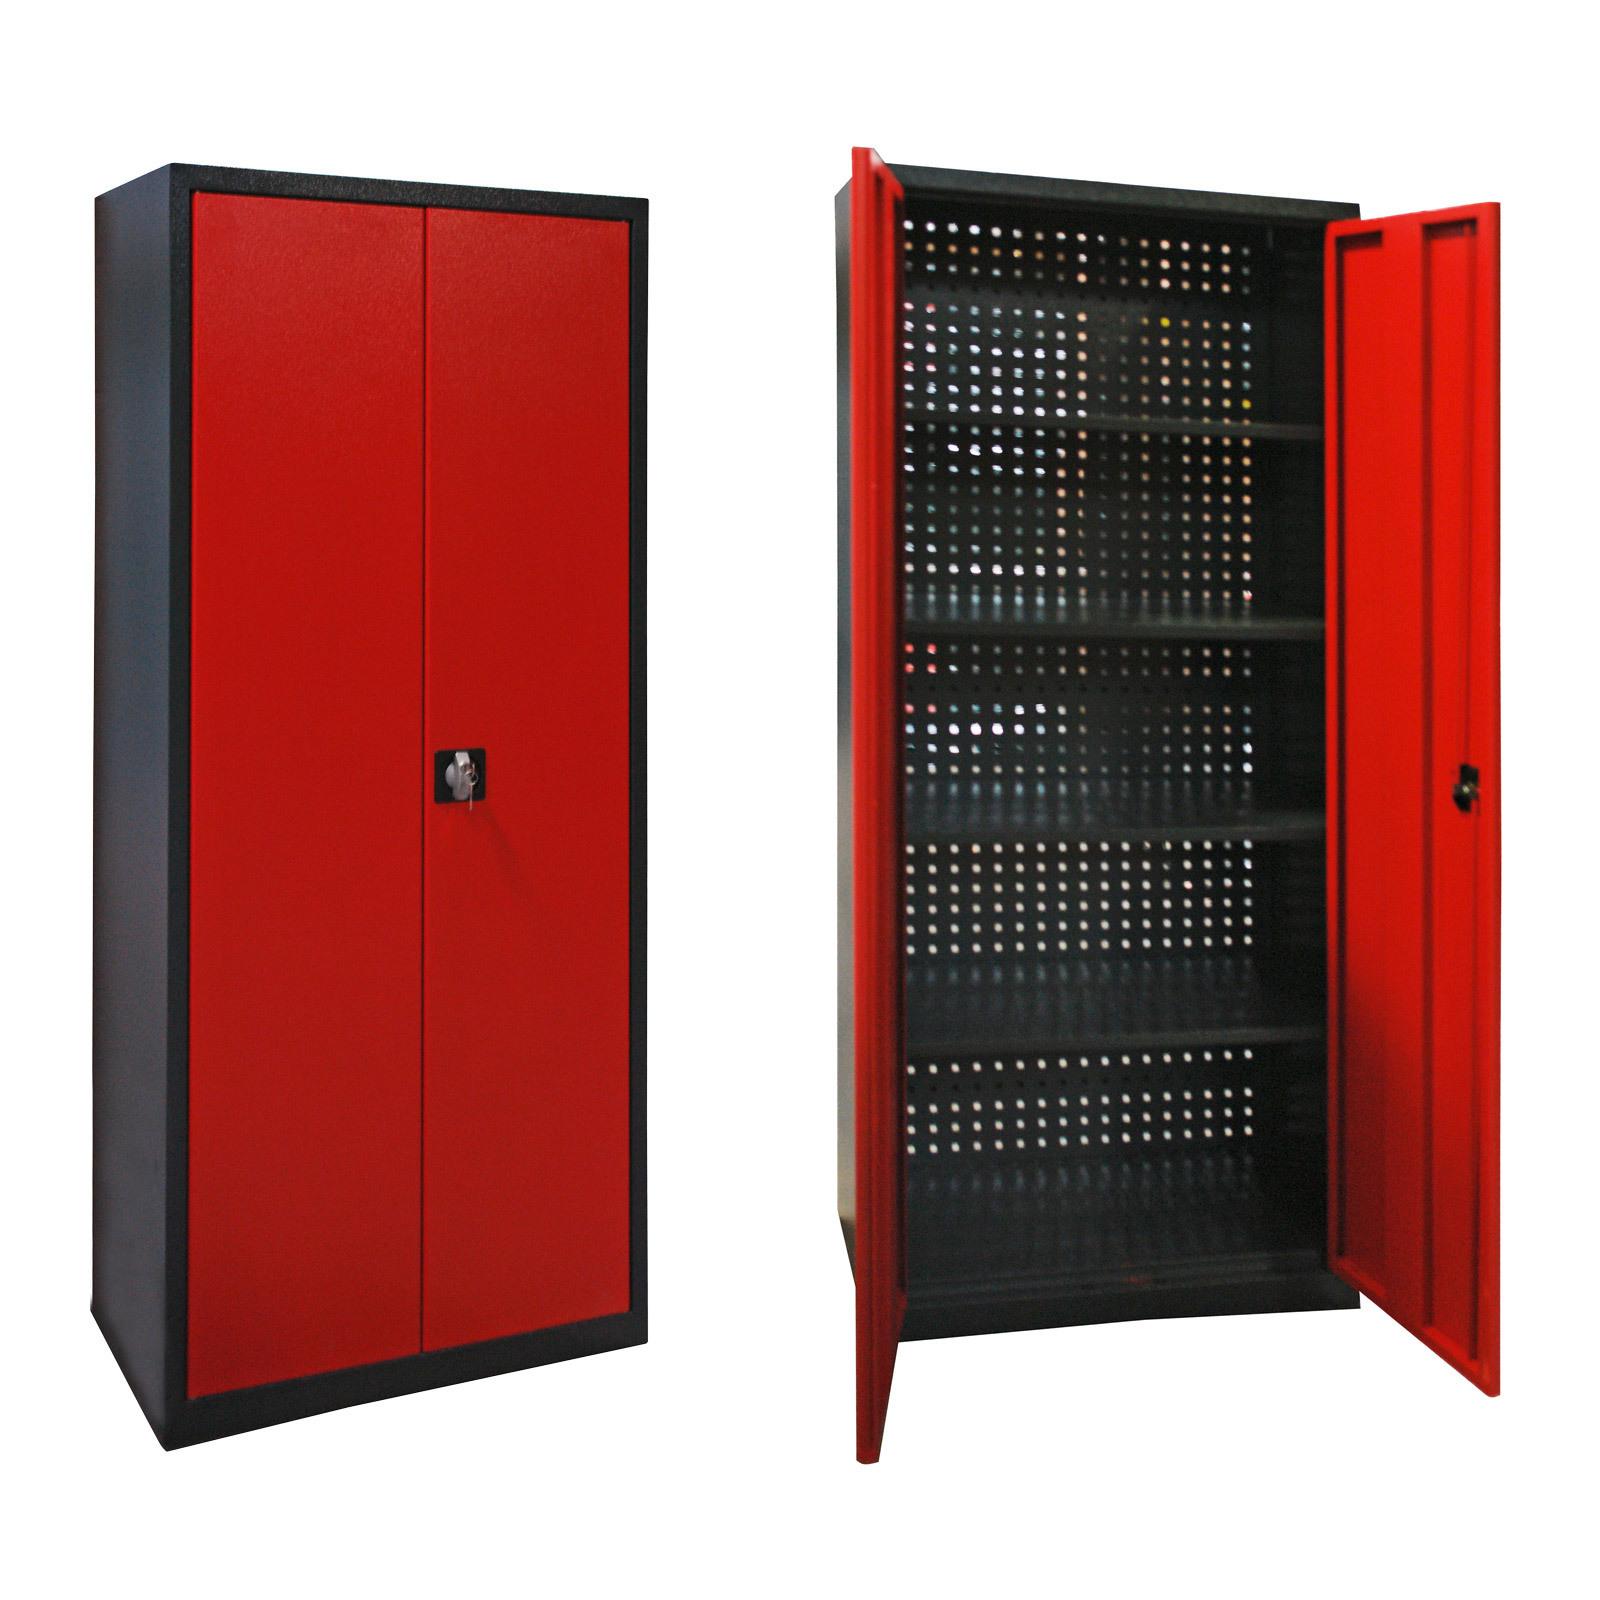 metall werkstatt schrank werkzeugschrank 78x192x38cm mit lochwand rot anthrazit ebay. Black Bedroom Furniture Sets. Home Design Ideas